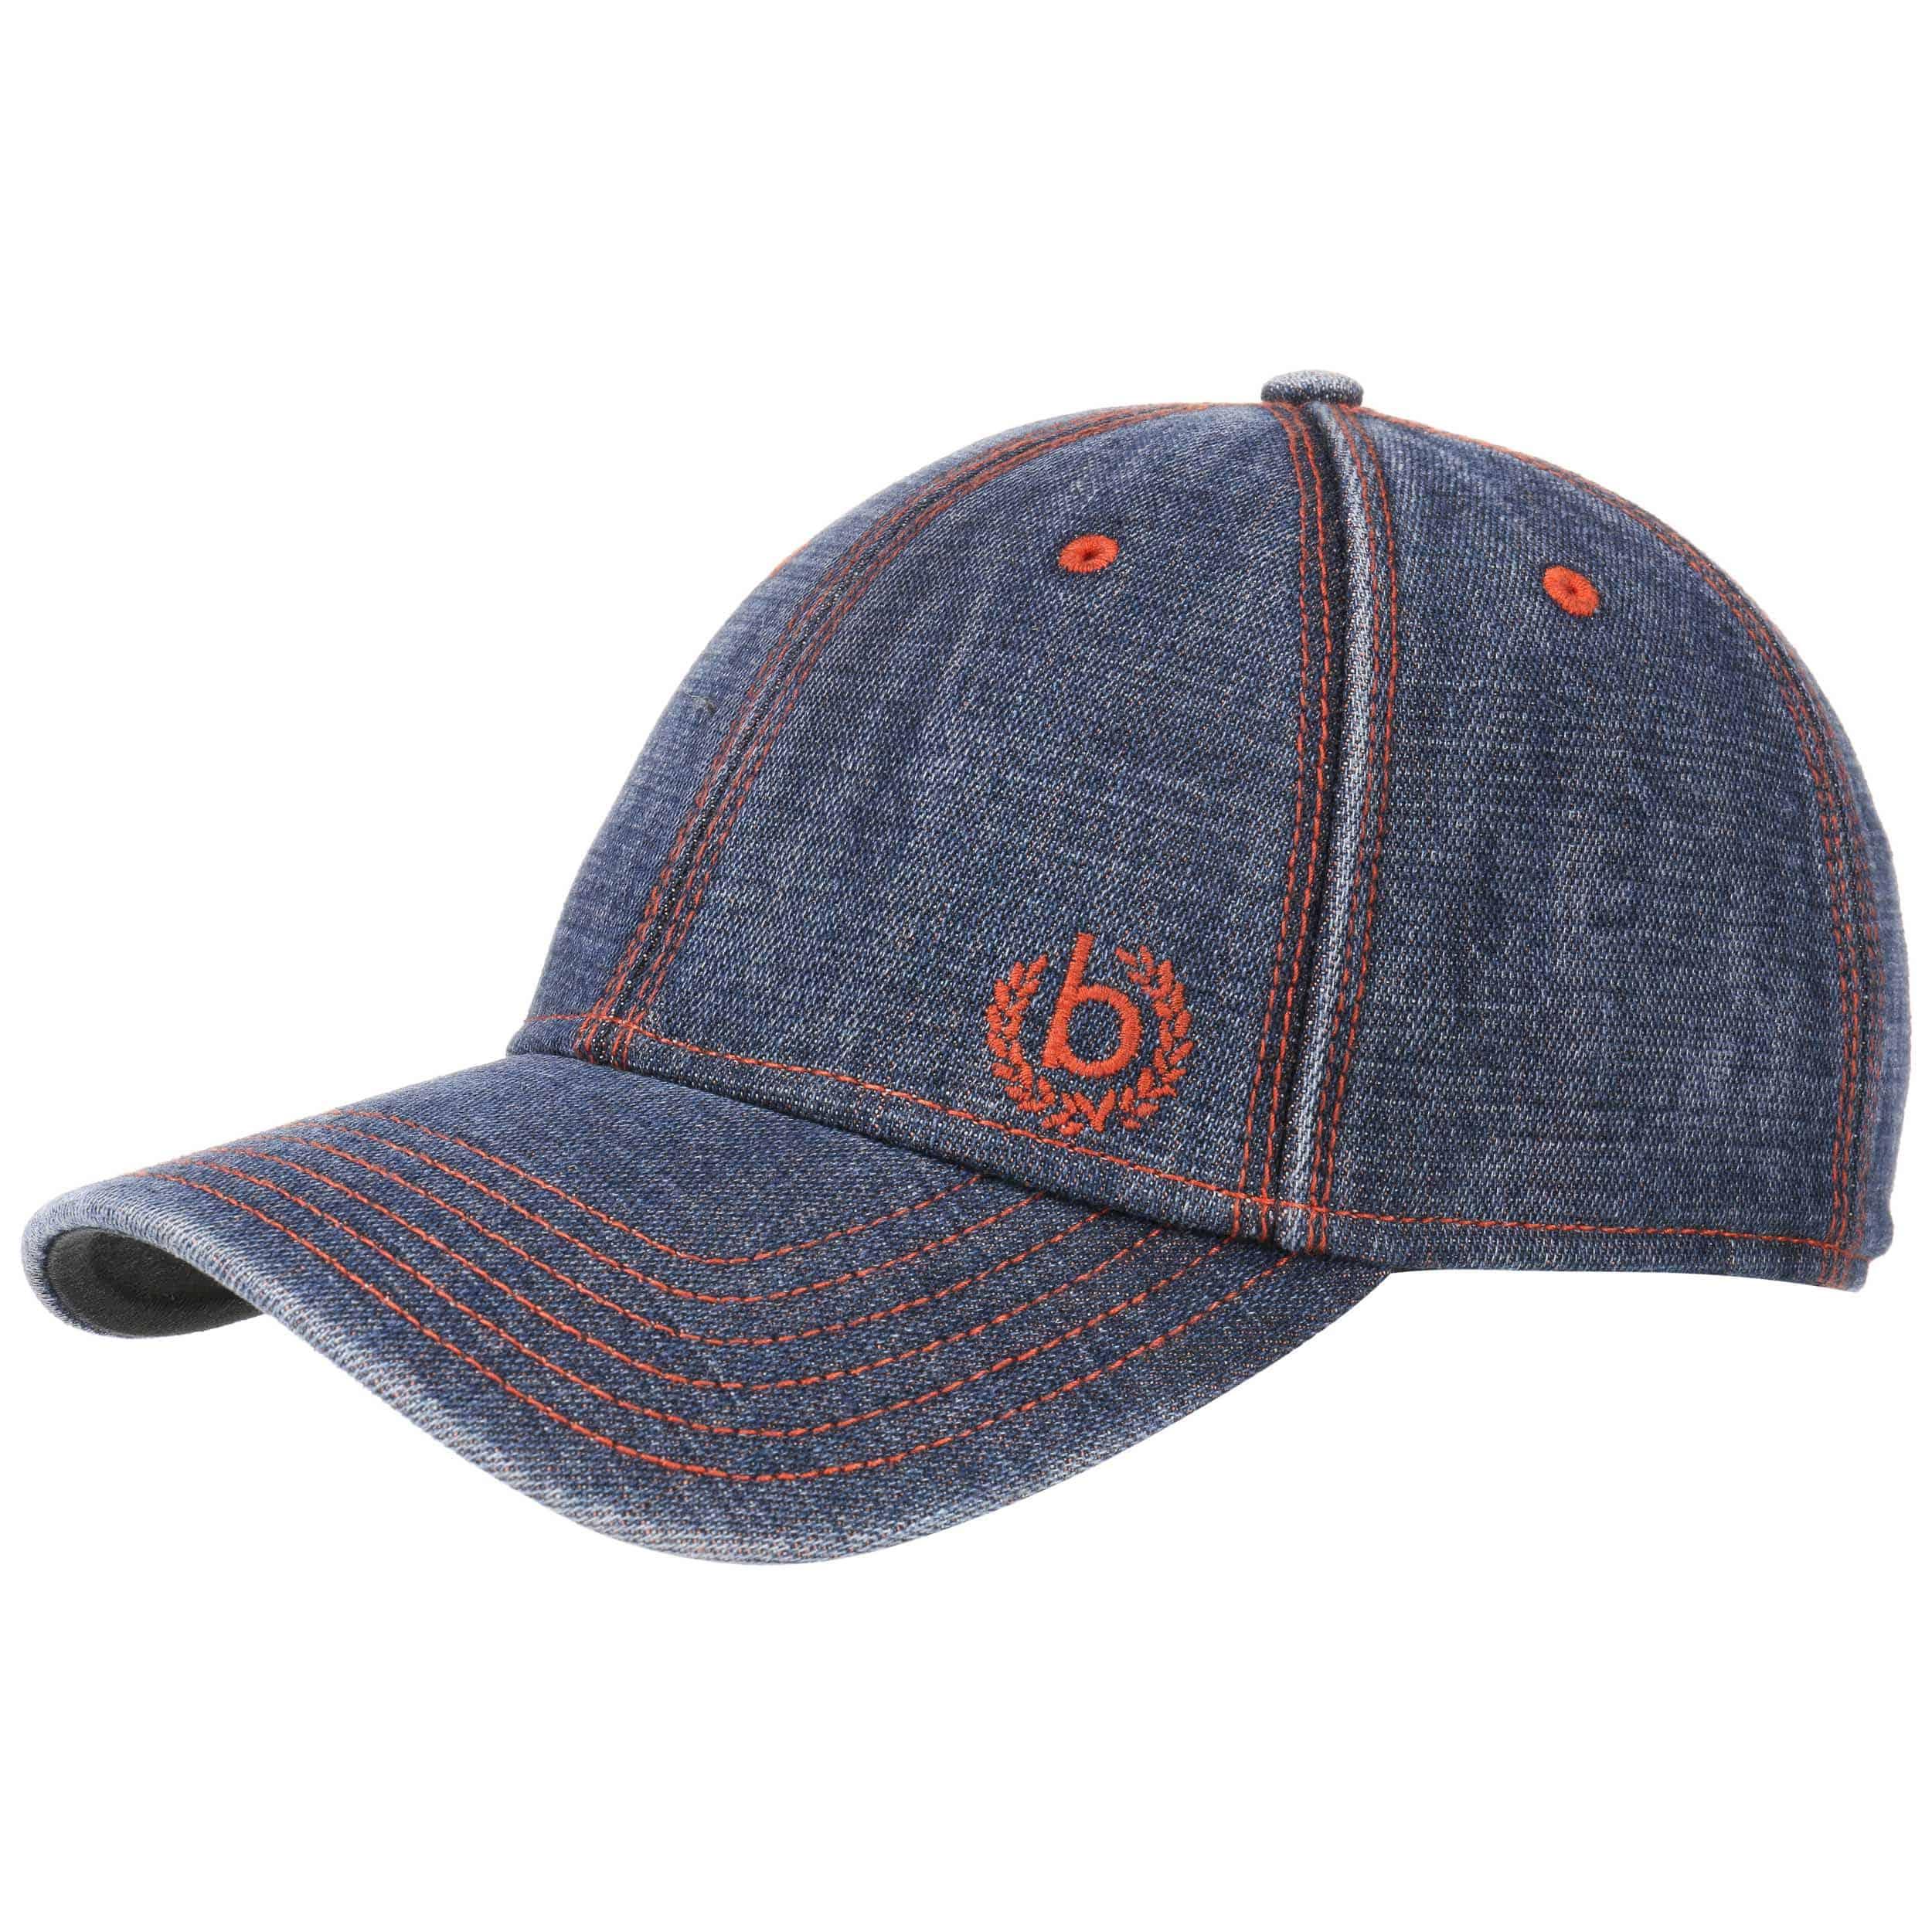 Jeans Contrast Stitch Cap by bugatti, GBP 36,95 --> Hats ...  Stitch